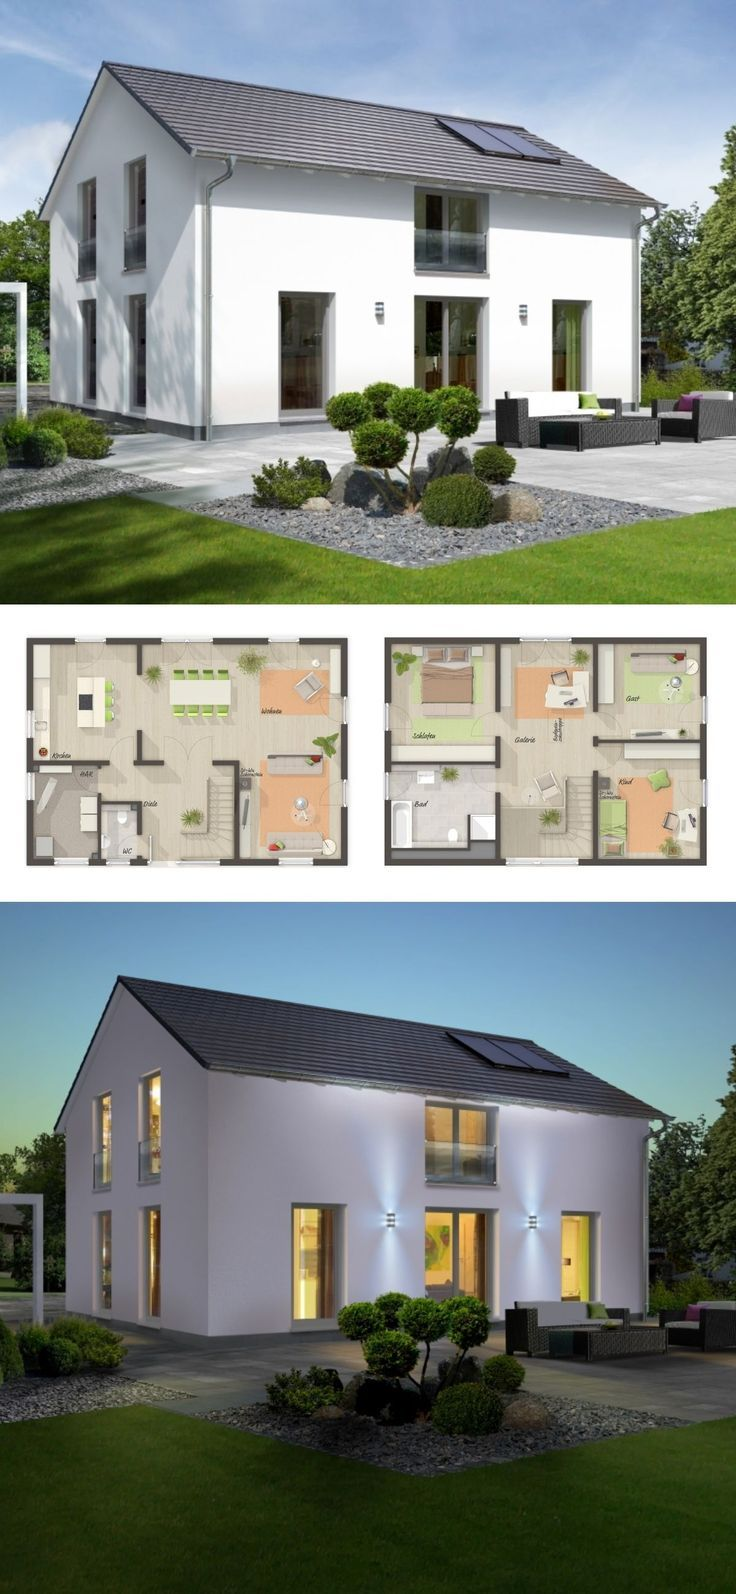 Modernes Landhaus Grundriss mit Galerie & Satteldach